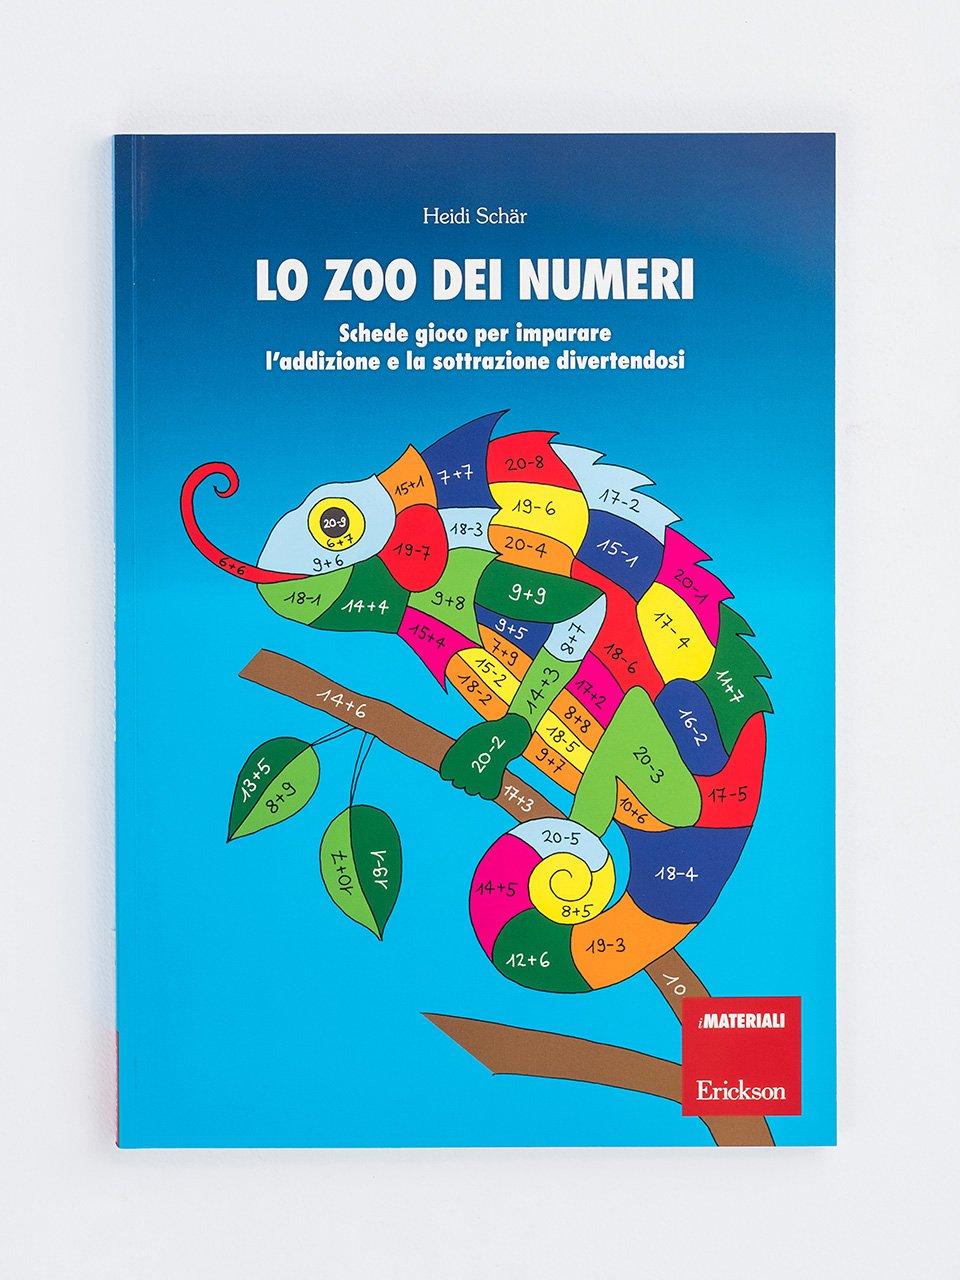 Lo zoo dei numeri - Tabelline e difficoltà aritmetiche - Libri - App e software - Erickson